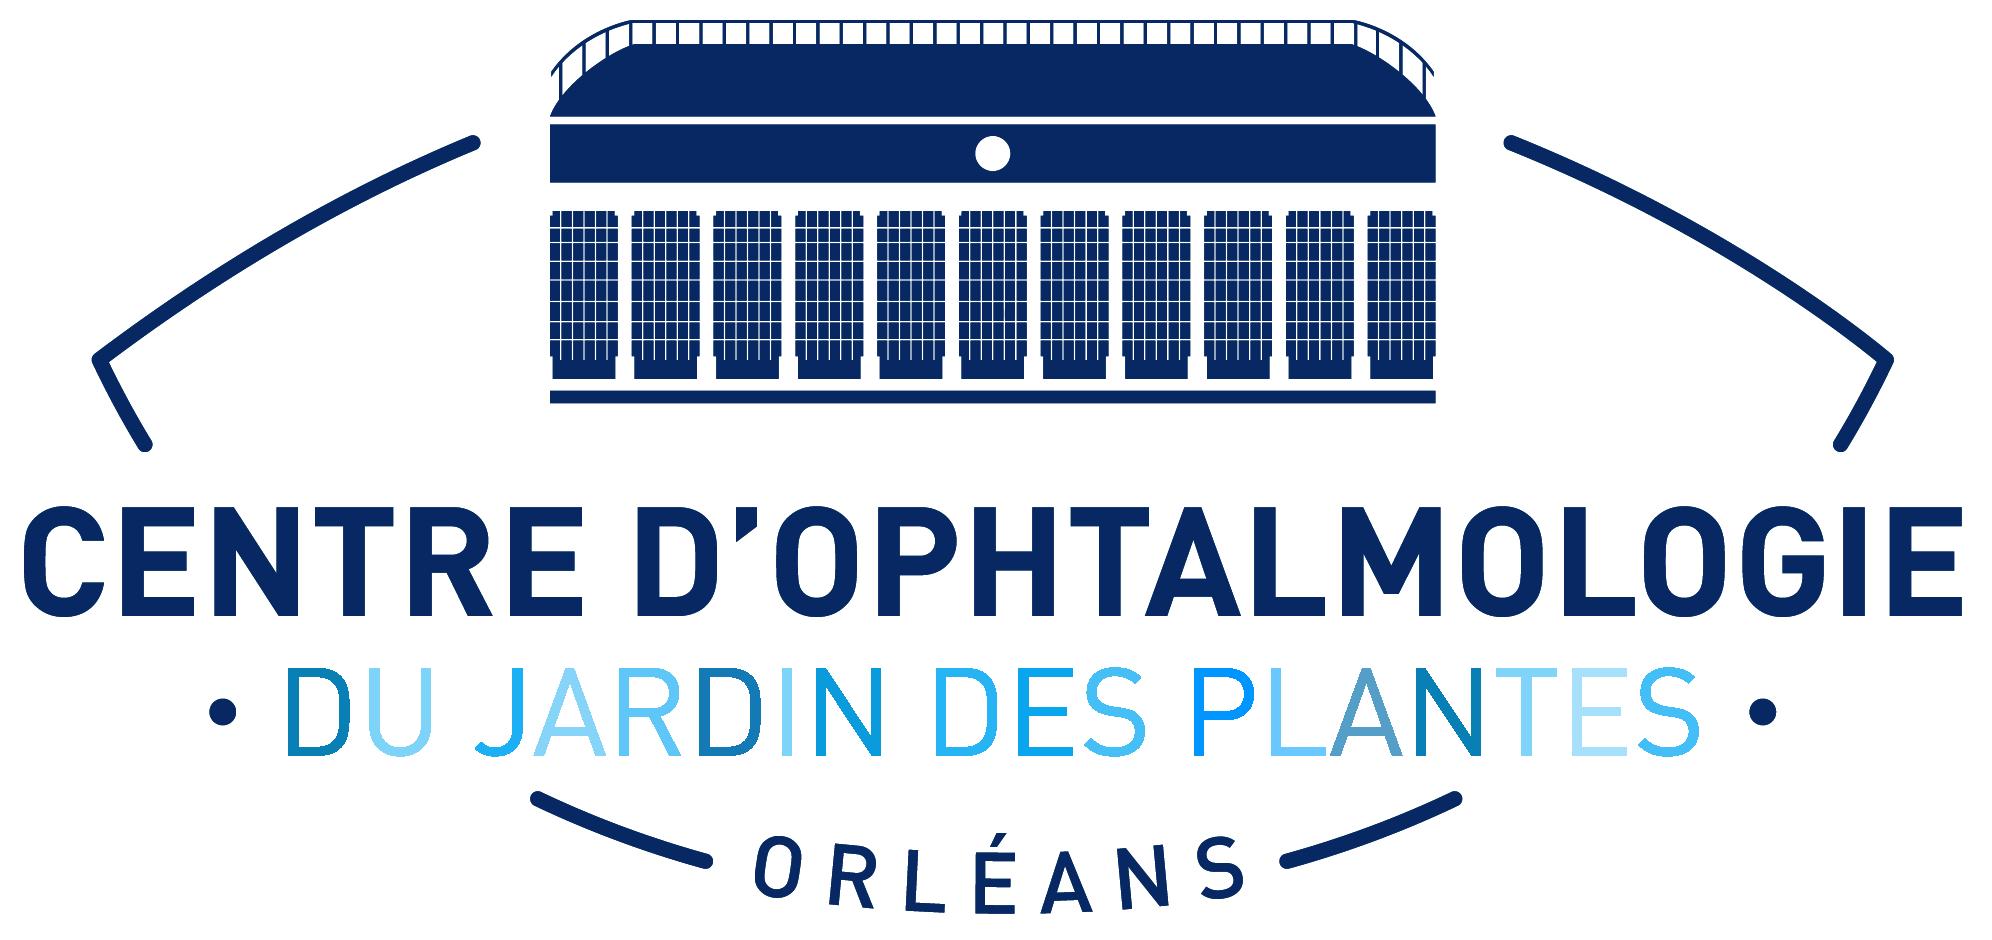 Centre d'Ophtalmologie du Jardin des Plantes à Orléans ophtalmologue